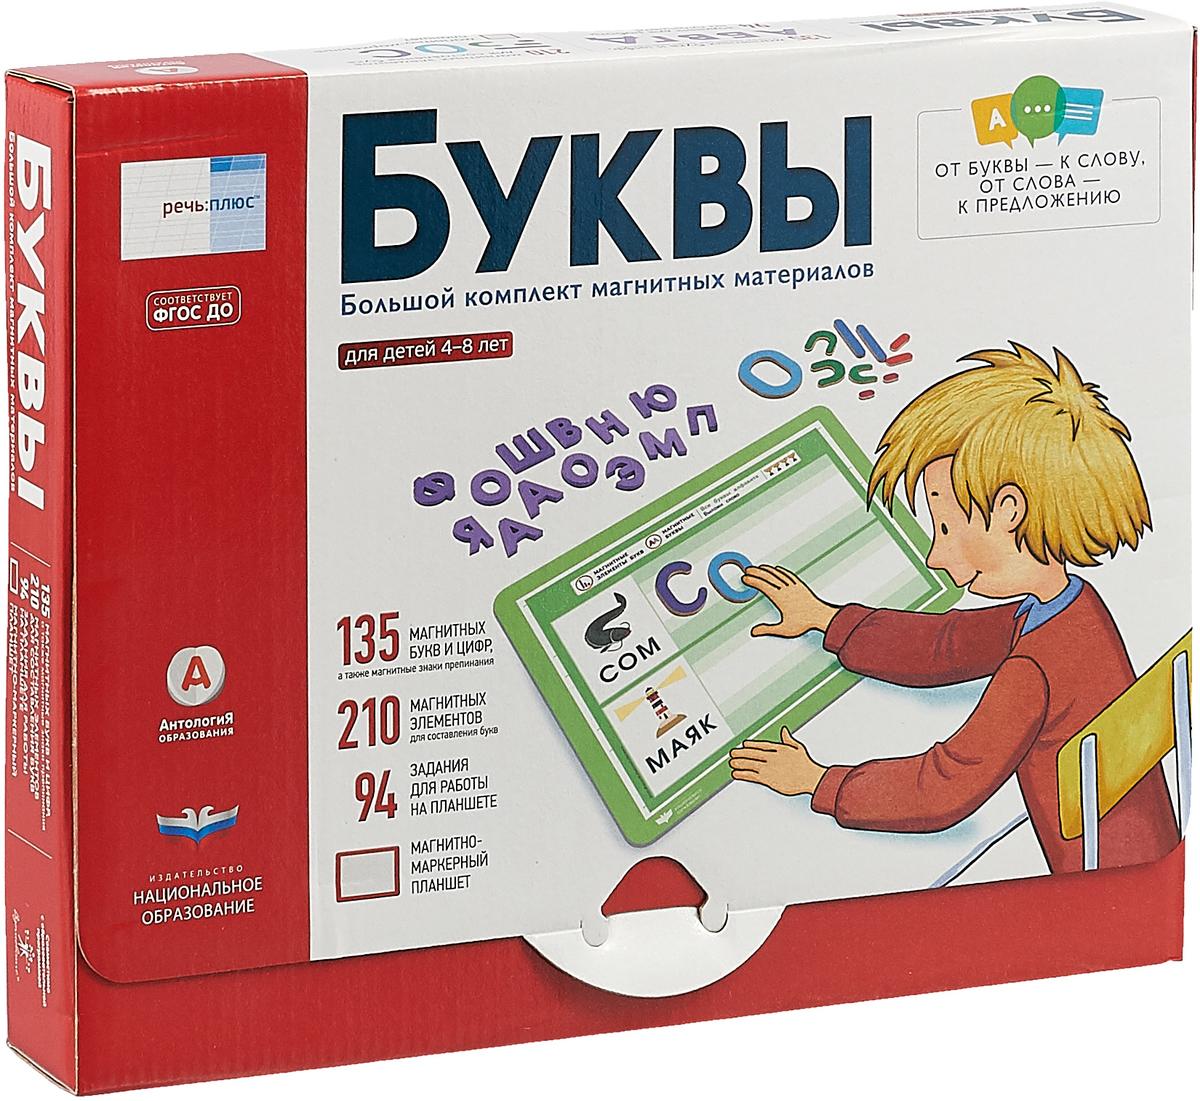 Буквы. Большой комплект магнитных материалов для детей 4-8 лет